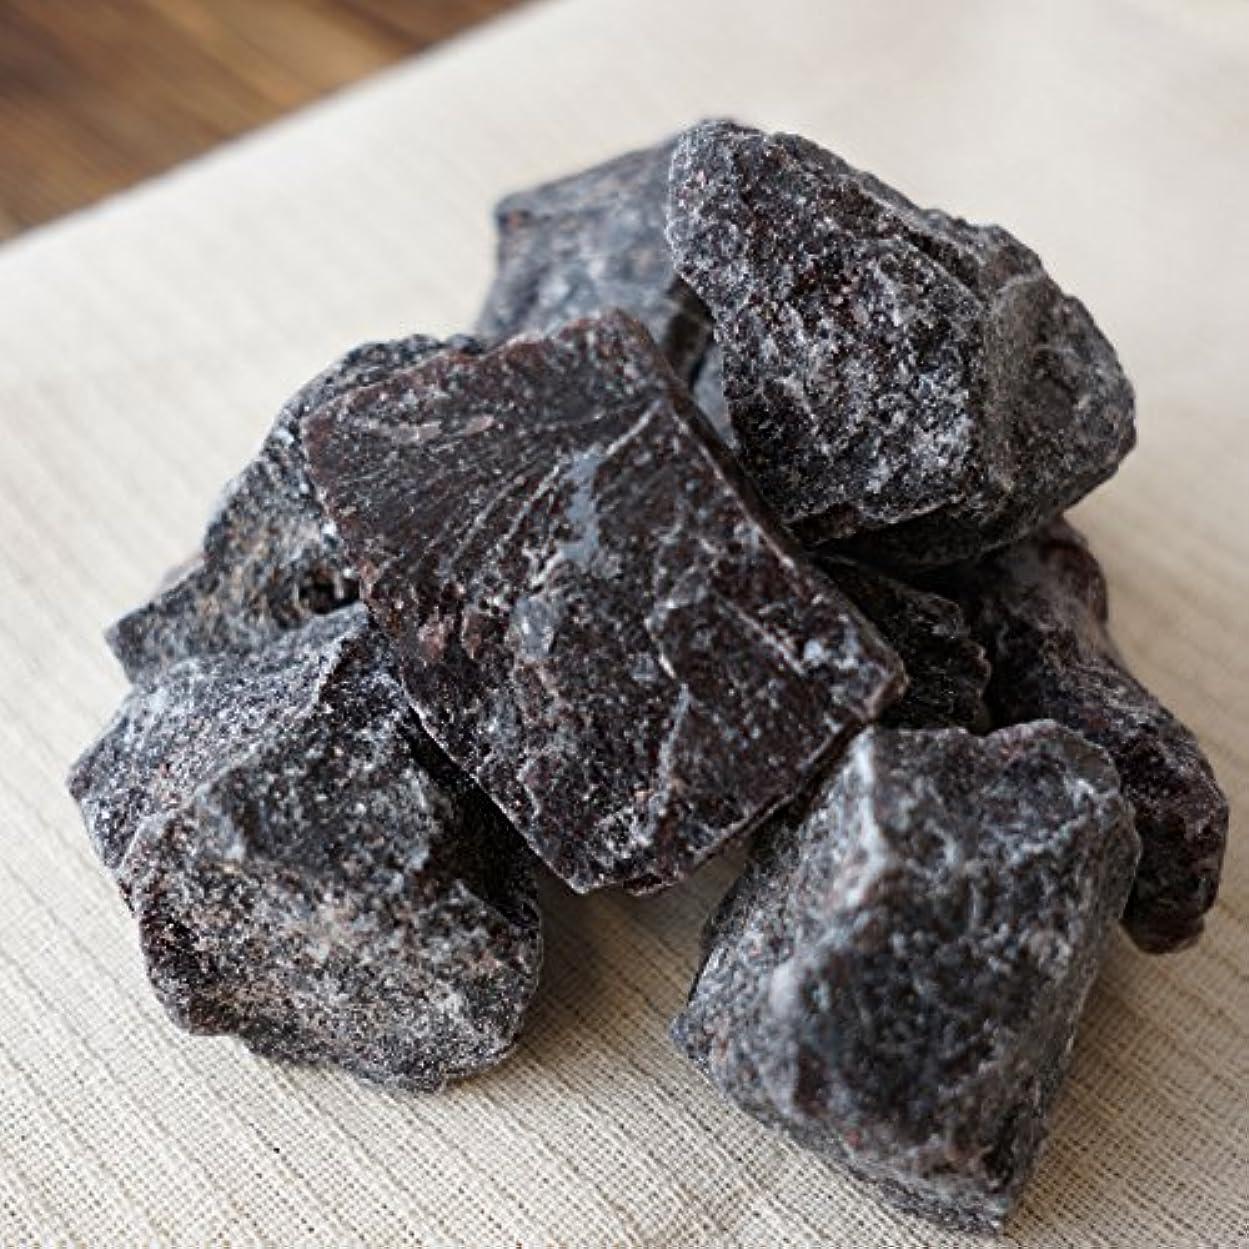 容器ふりをする自動化希少 インド岩塩 ルビー ブロック 約2-5cm 10kg 10,000g 原料